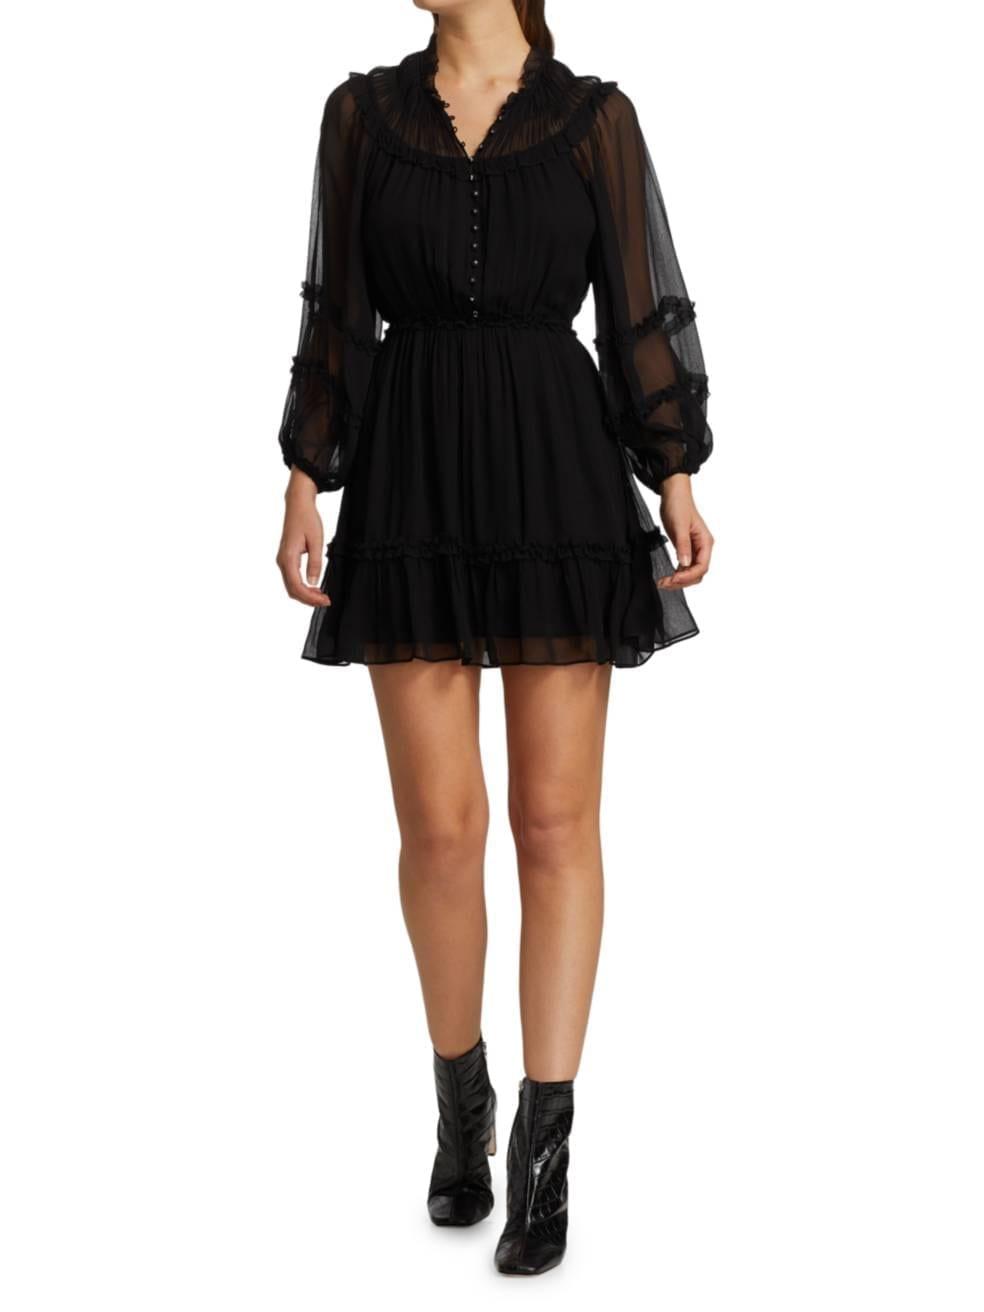 THE KOOPLES Georgette Sheer Mini Dress